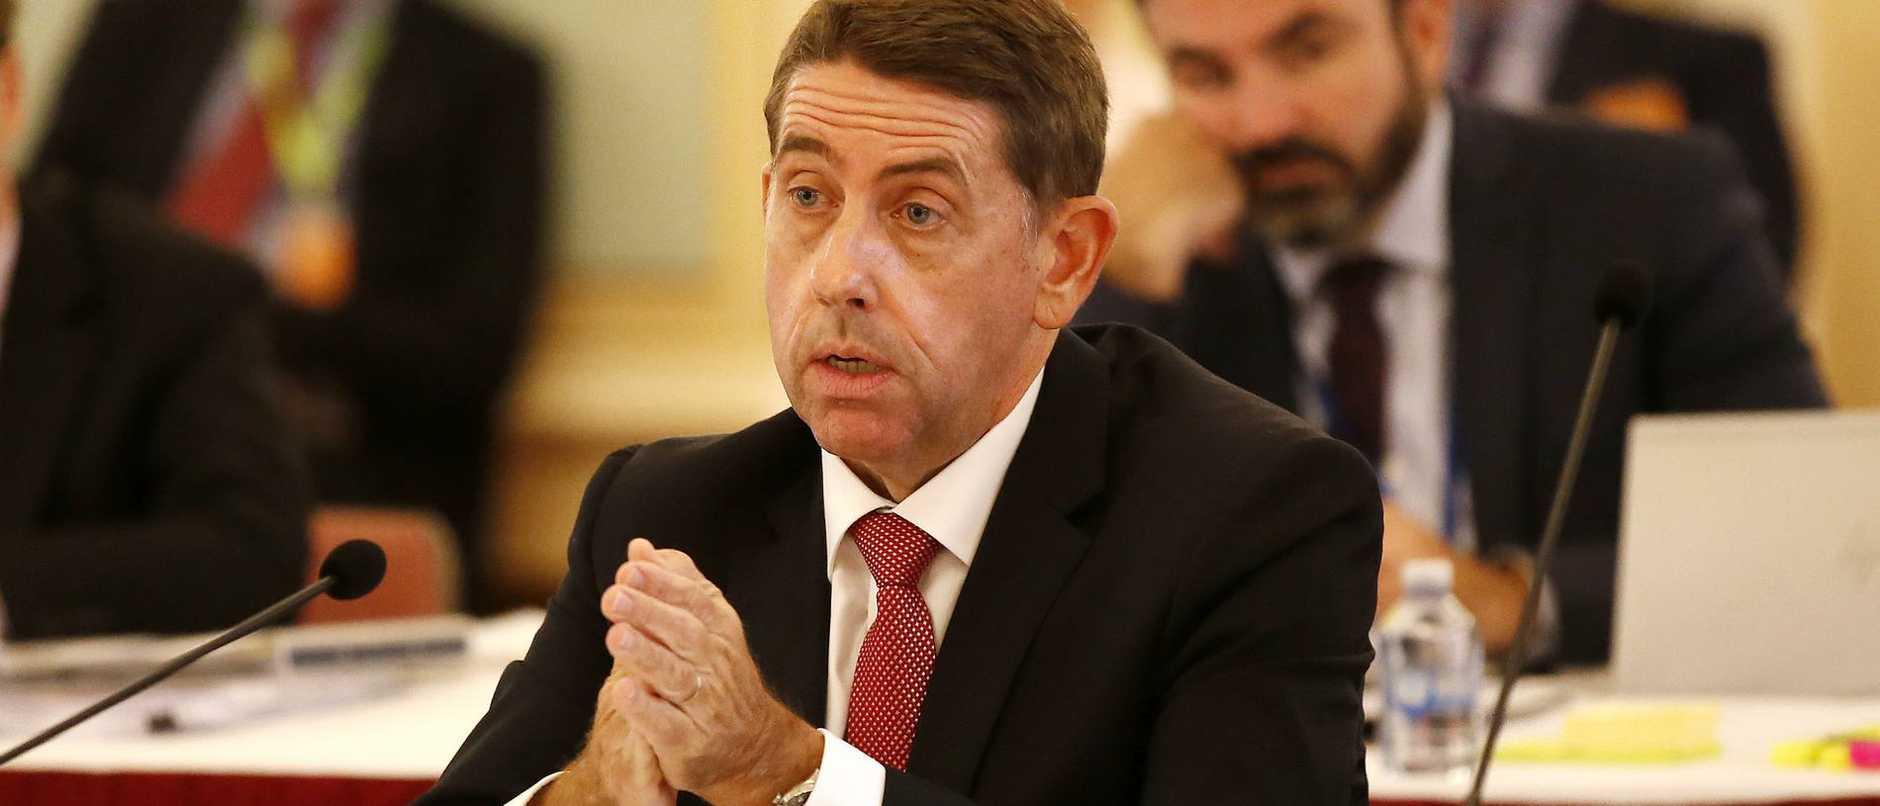 Queensland second-last for infrastructure spending: Report